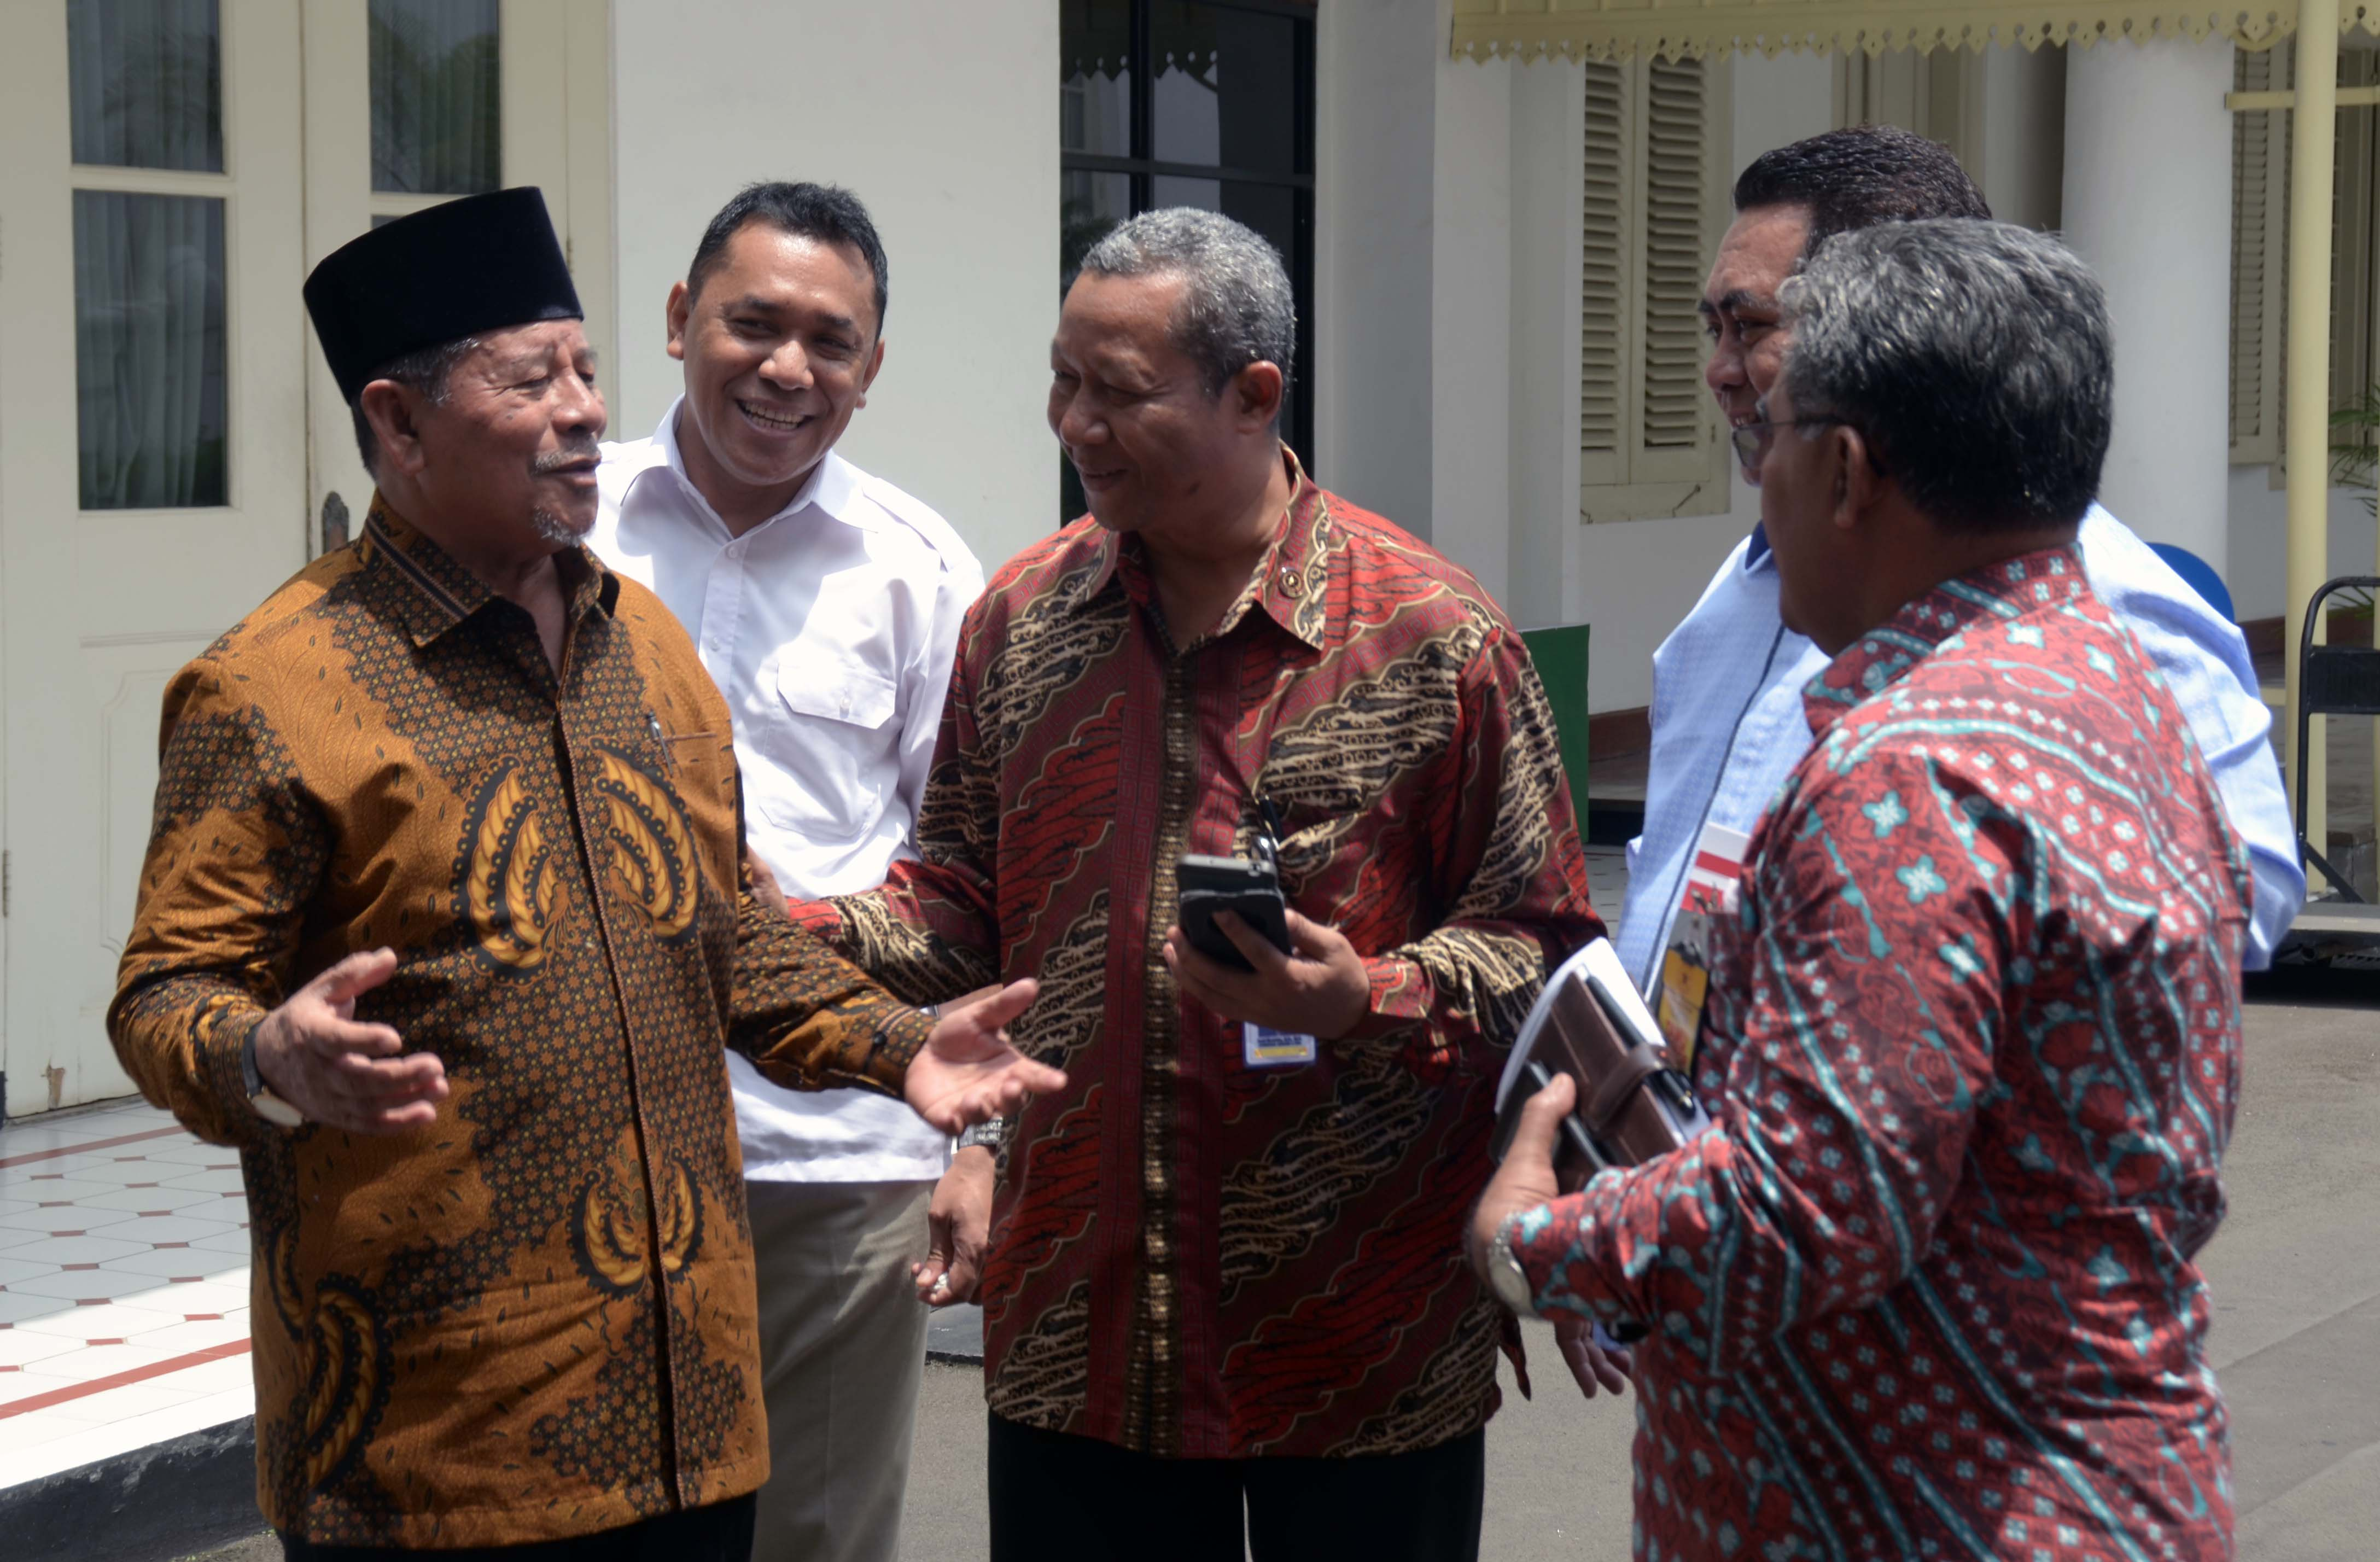 Gubernur Maluku Utara Abdul Ghani Kasuba menjawab wartawan usai rapat terbatas, di Kantor Presiden, Jakarta, Selasa (28/2) siang. (Foto: JAY/Humas)